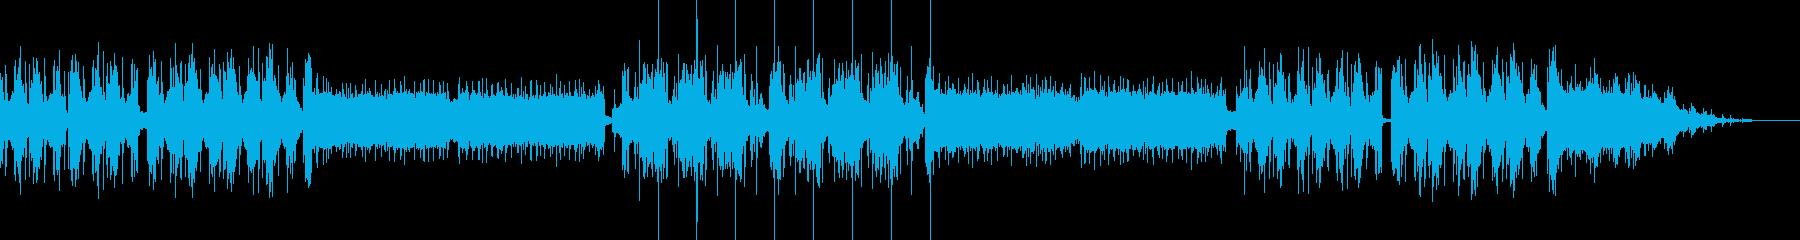 派手で高速 エキサイティングなトランス曲の再生済みの波形